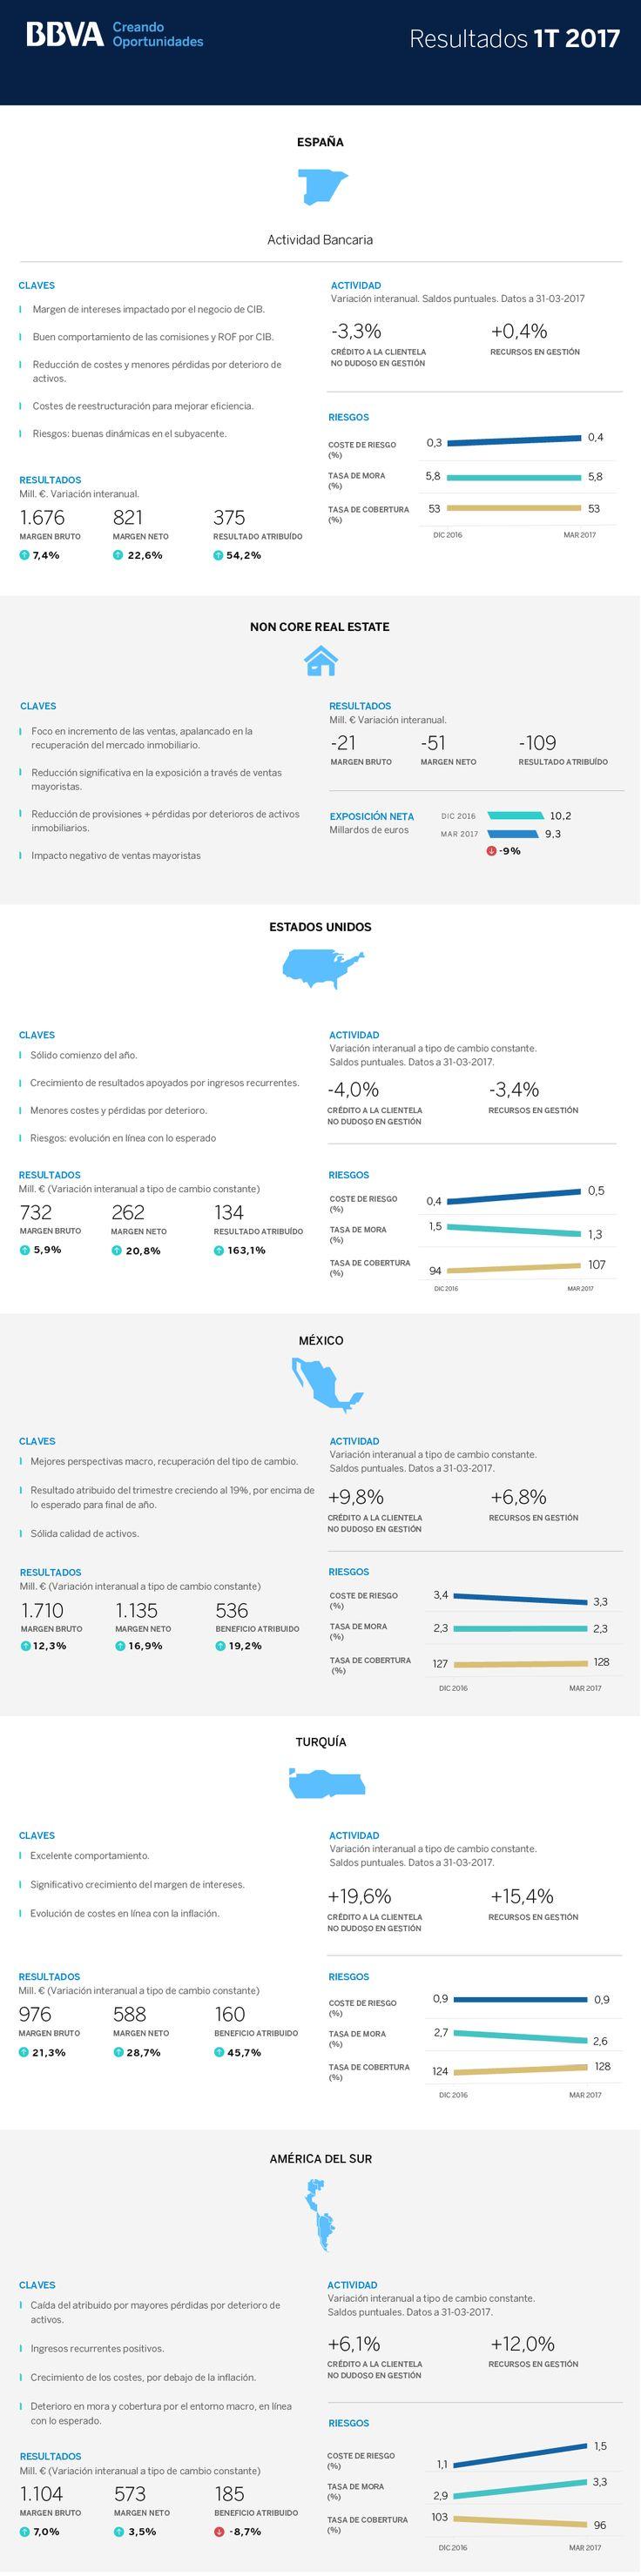 Resultados BBVA 1T17 por países